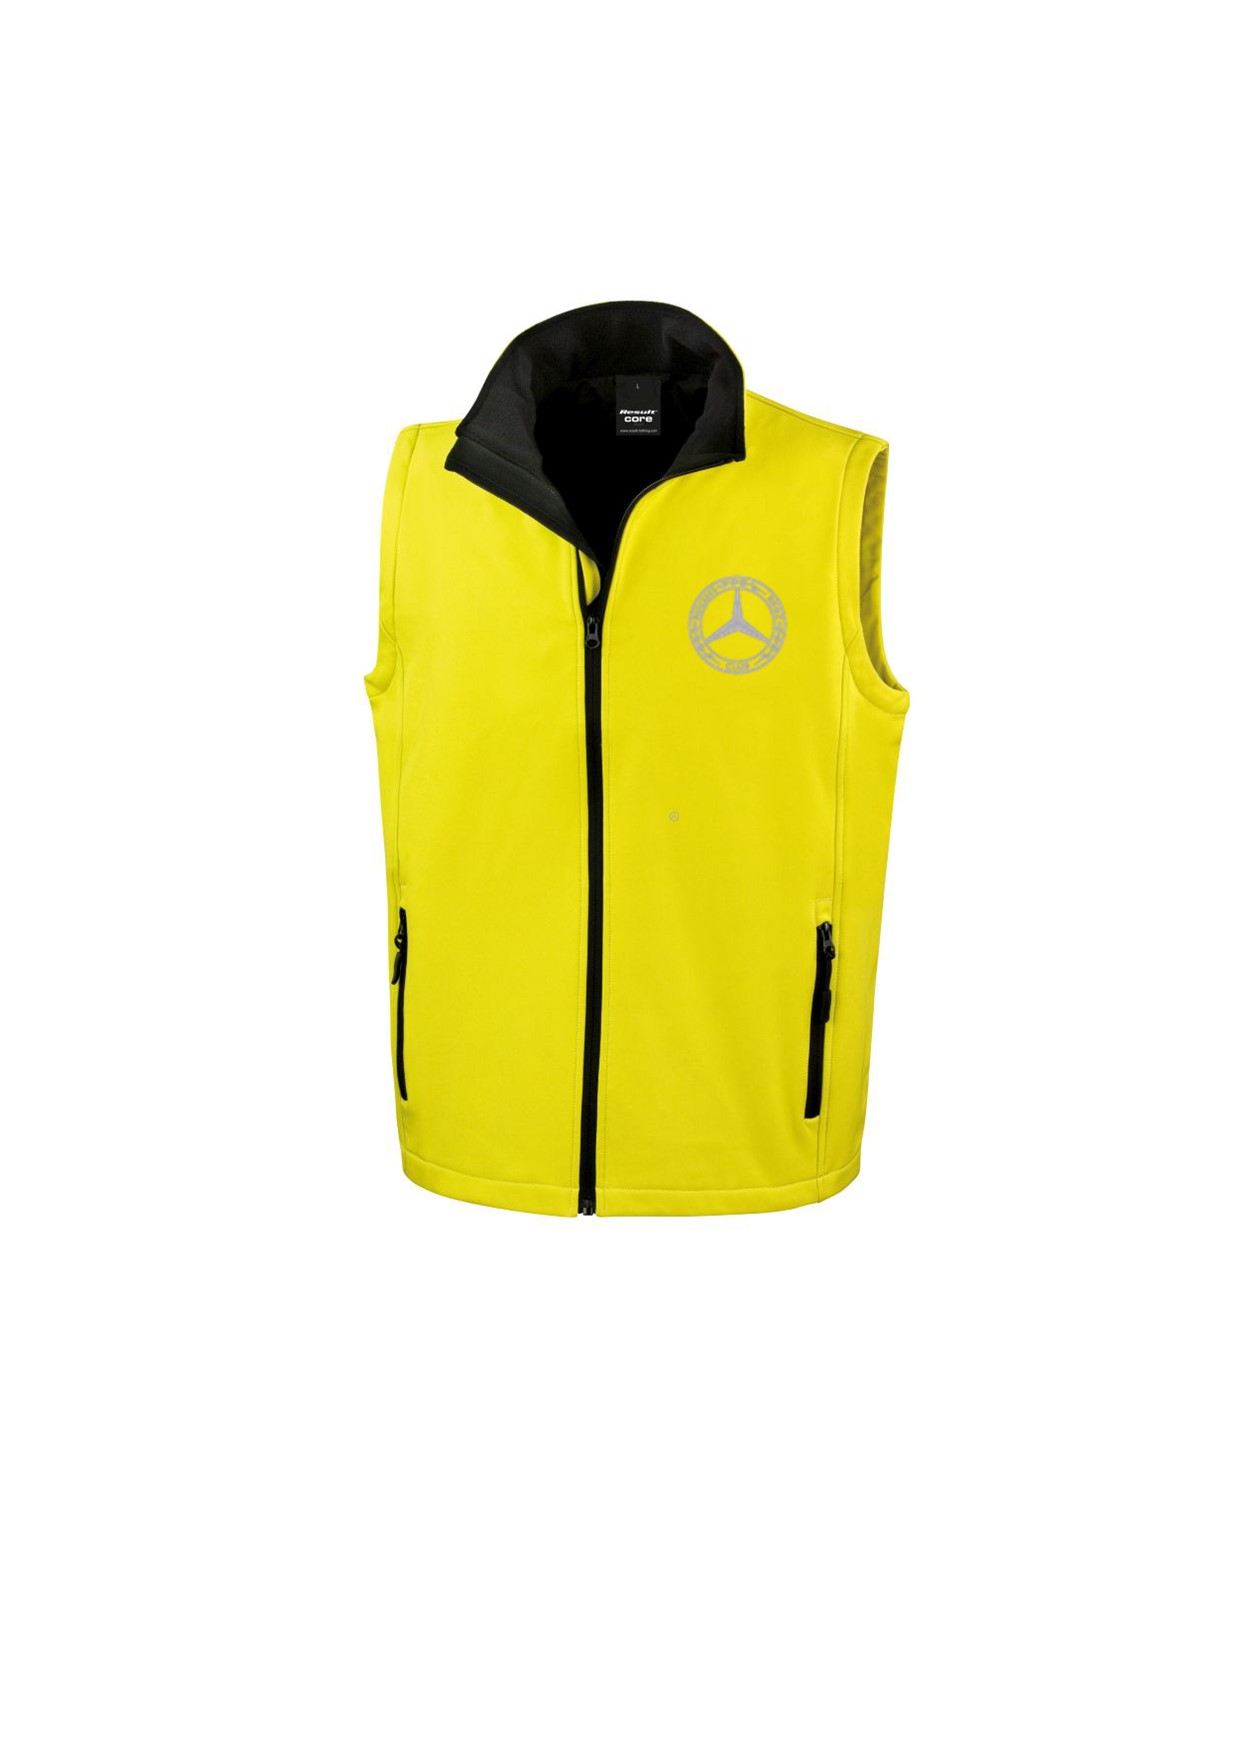 Mercedes-Benz Club Soft Shell Jacket Bodywarmer Yellow